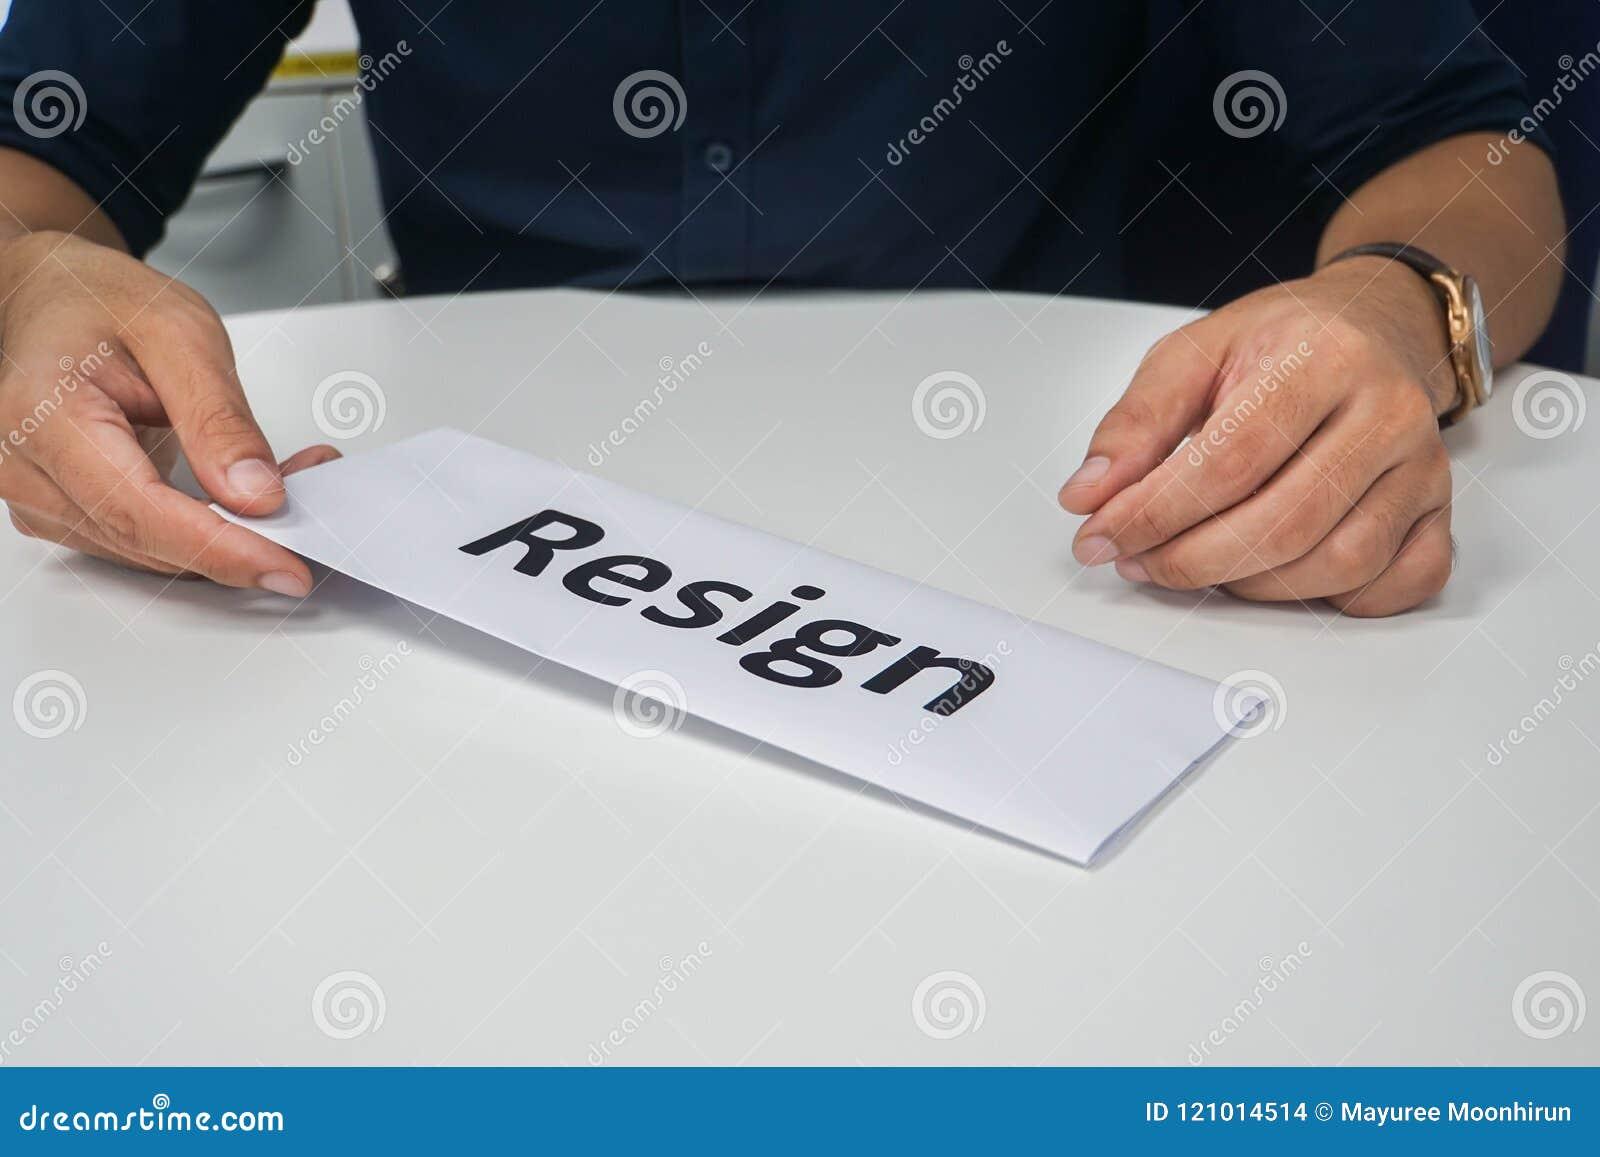 Ο επιχειρηματίας υποβάλλει το γράμμα παραίτησης στον προϊστάμενό του στο γραφείο γραφείων